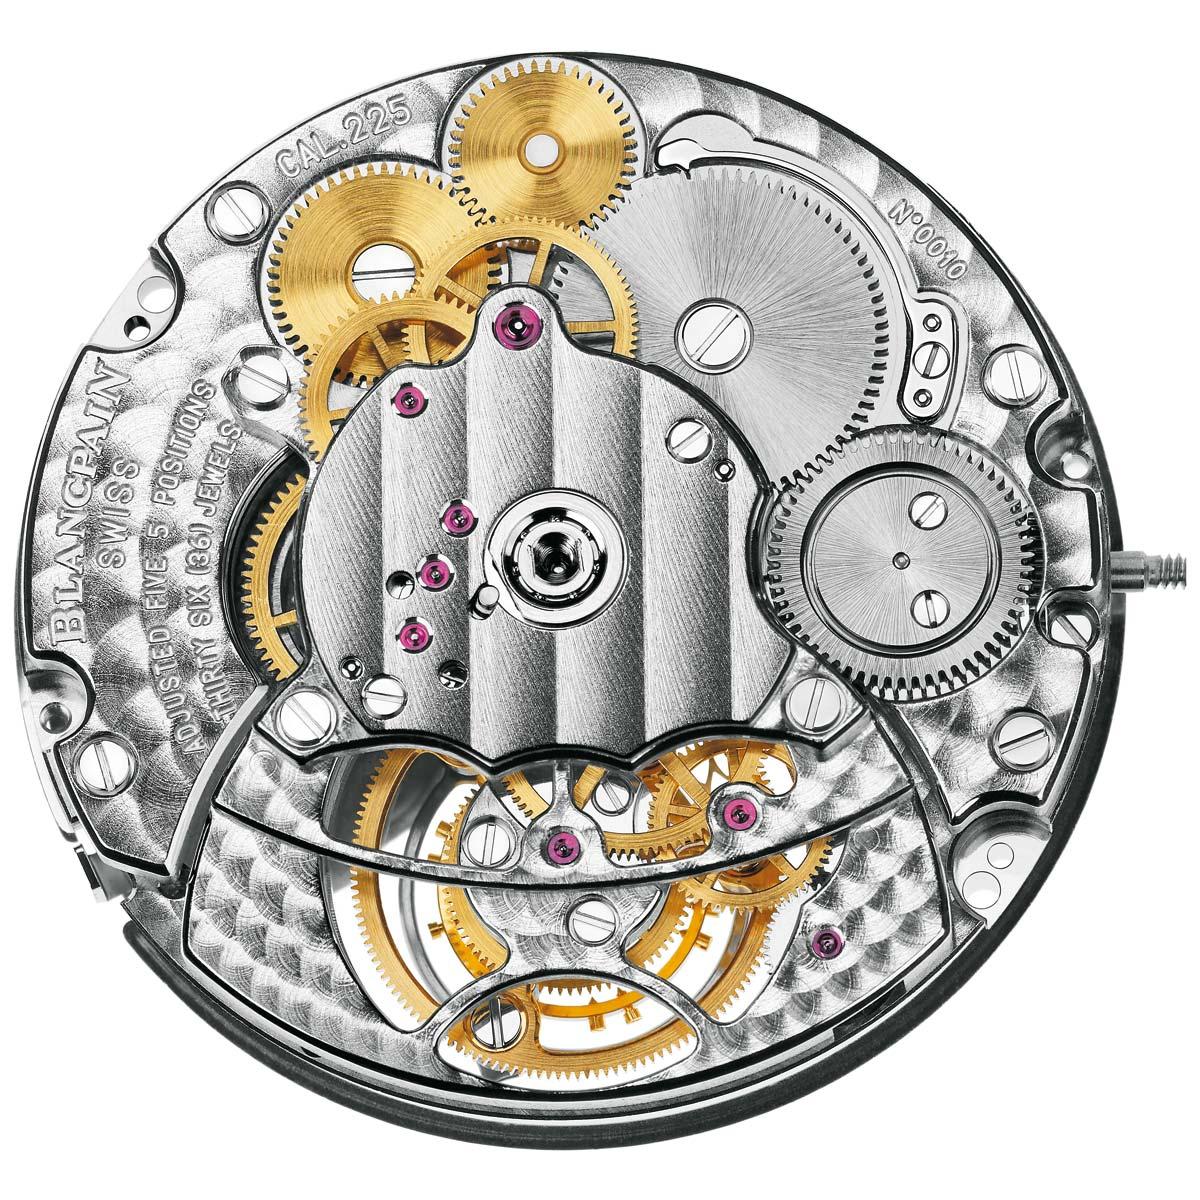 La Cote des Montres : Photo - Blancpain Carrousel Volant Une Minute